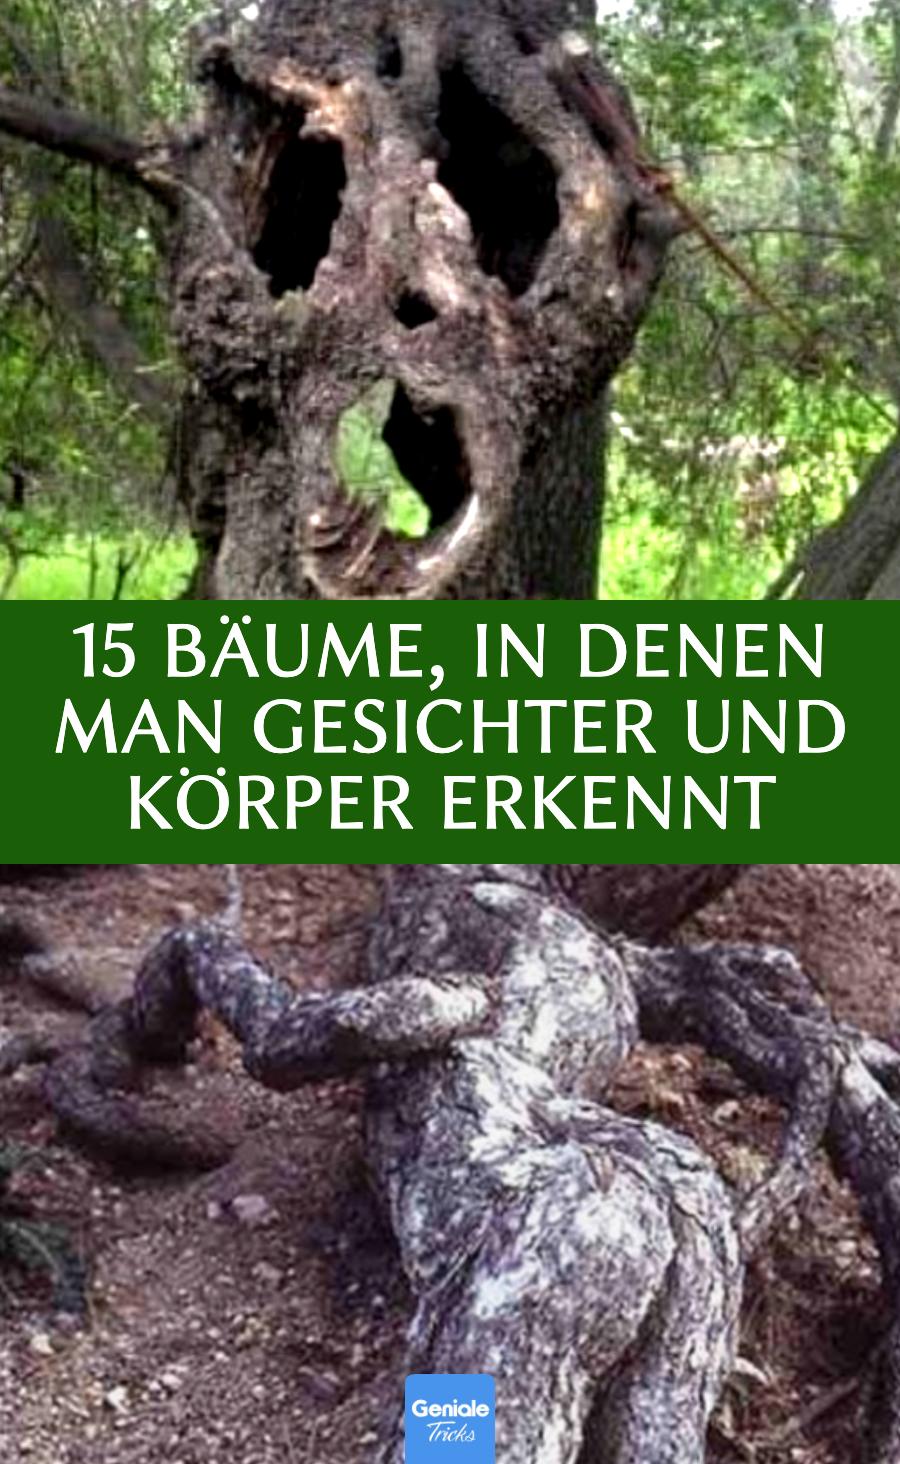 Bäume, in denen man Gesichter erkennt